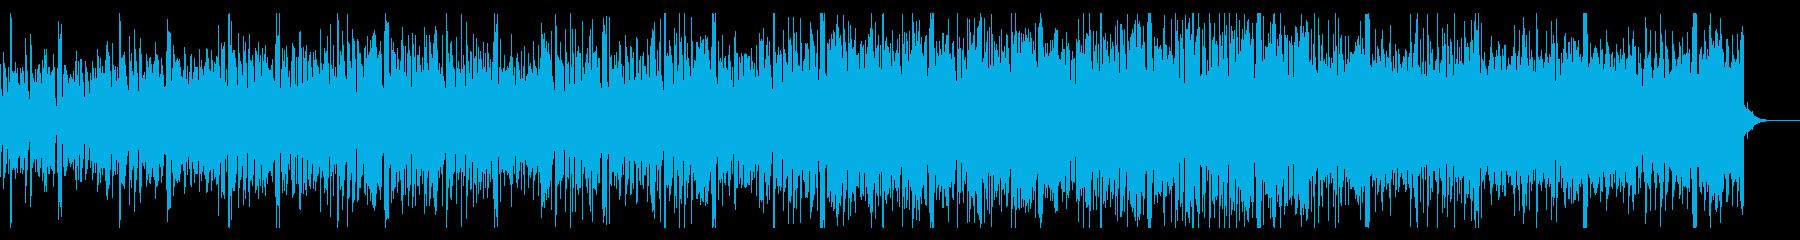 シンプルに進展するハウス・エレクトロニカの再生済みの波形